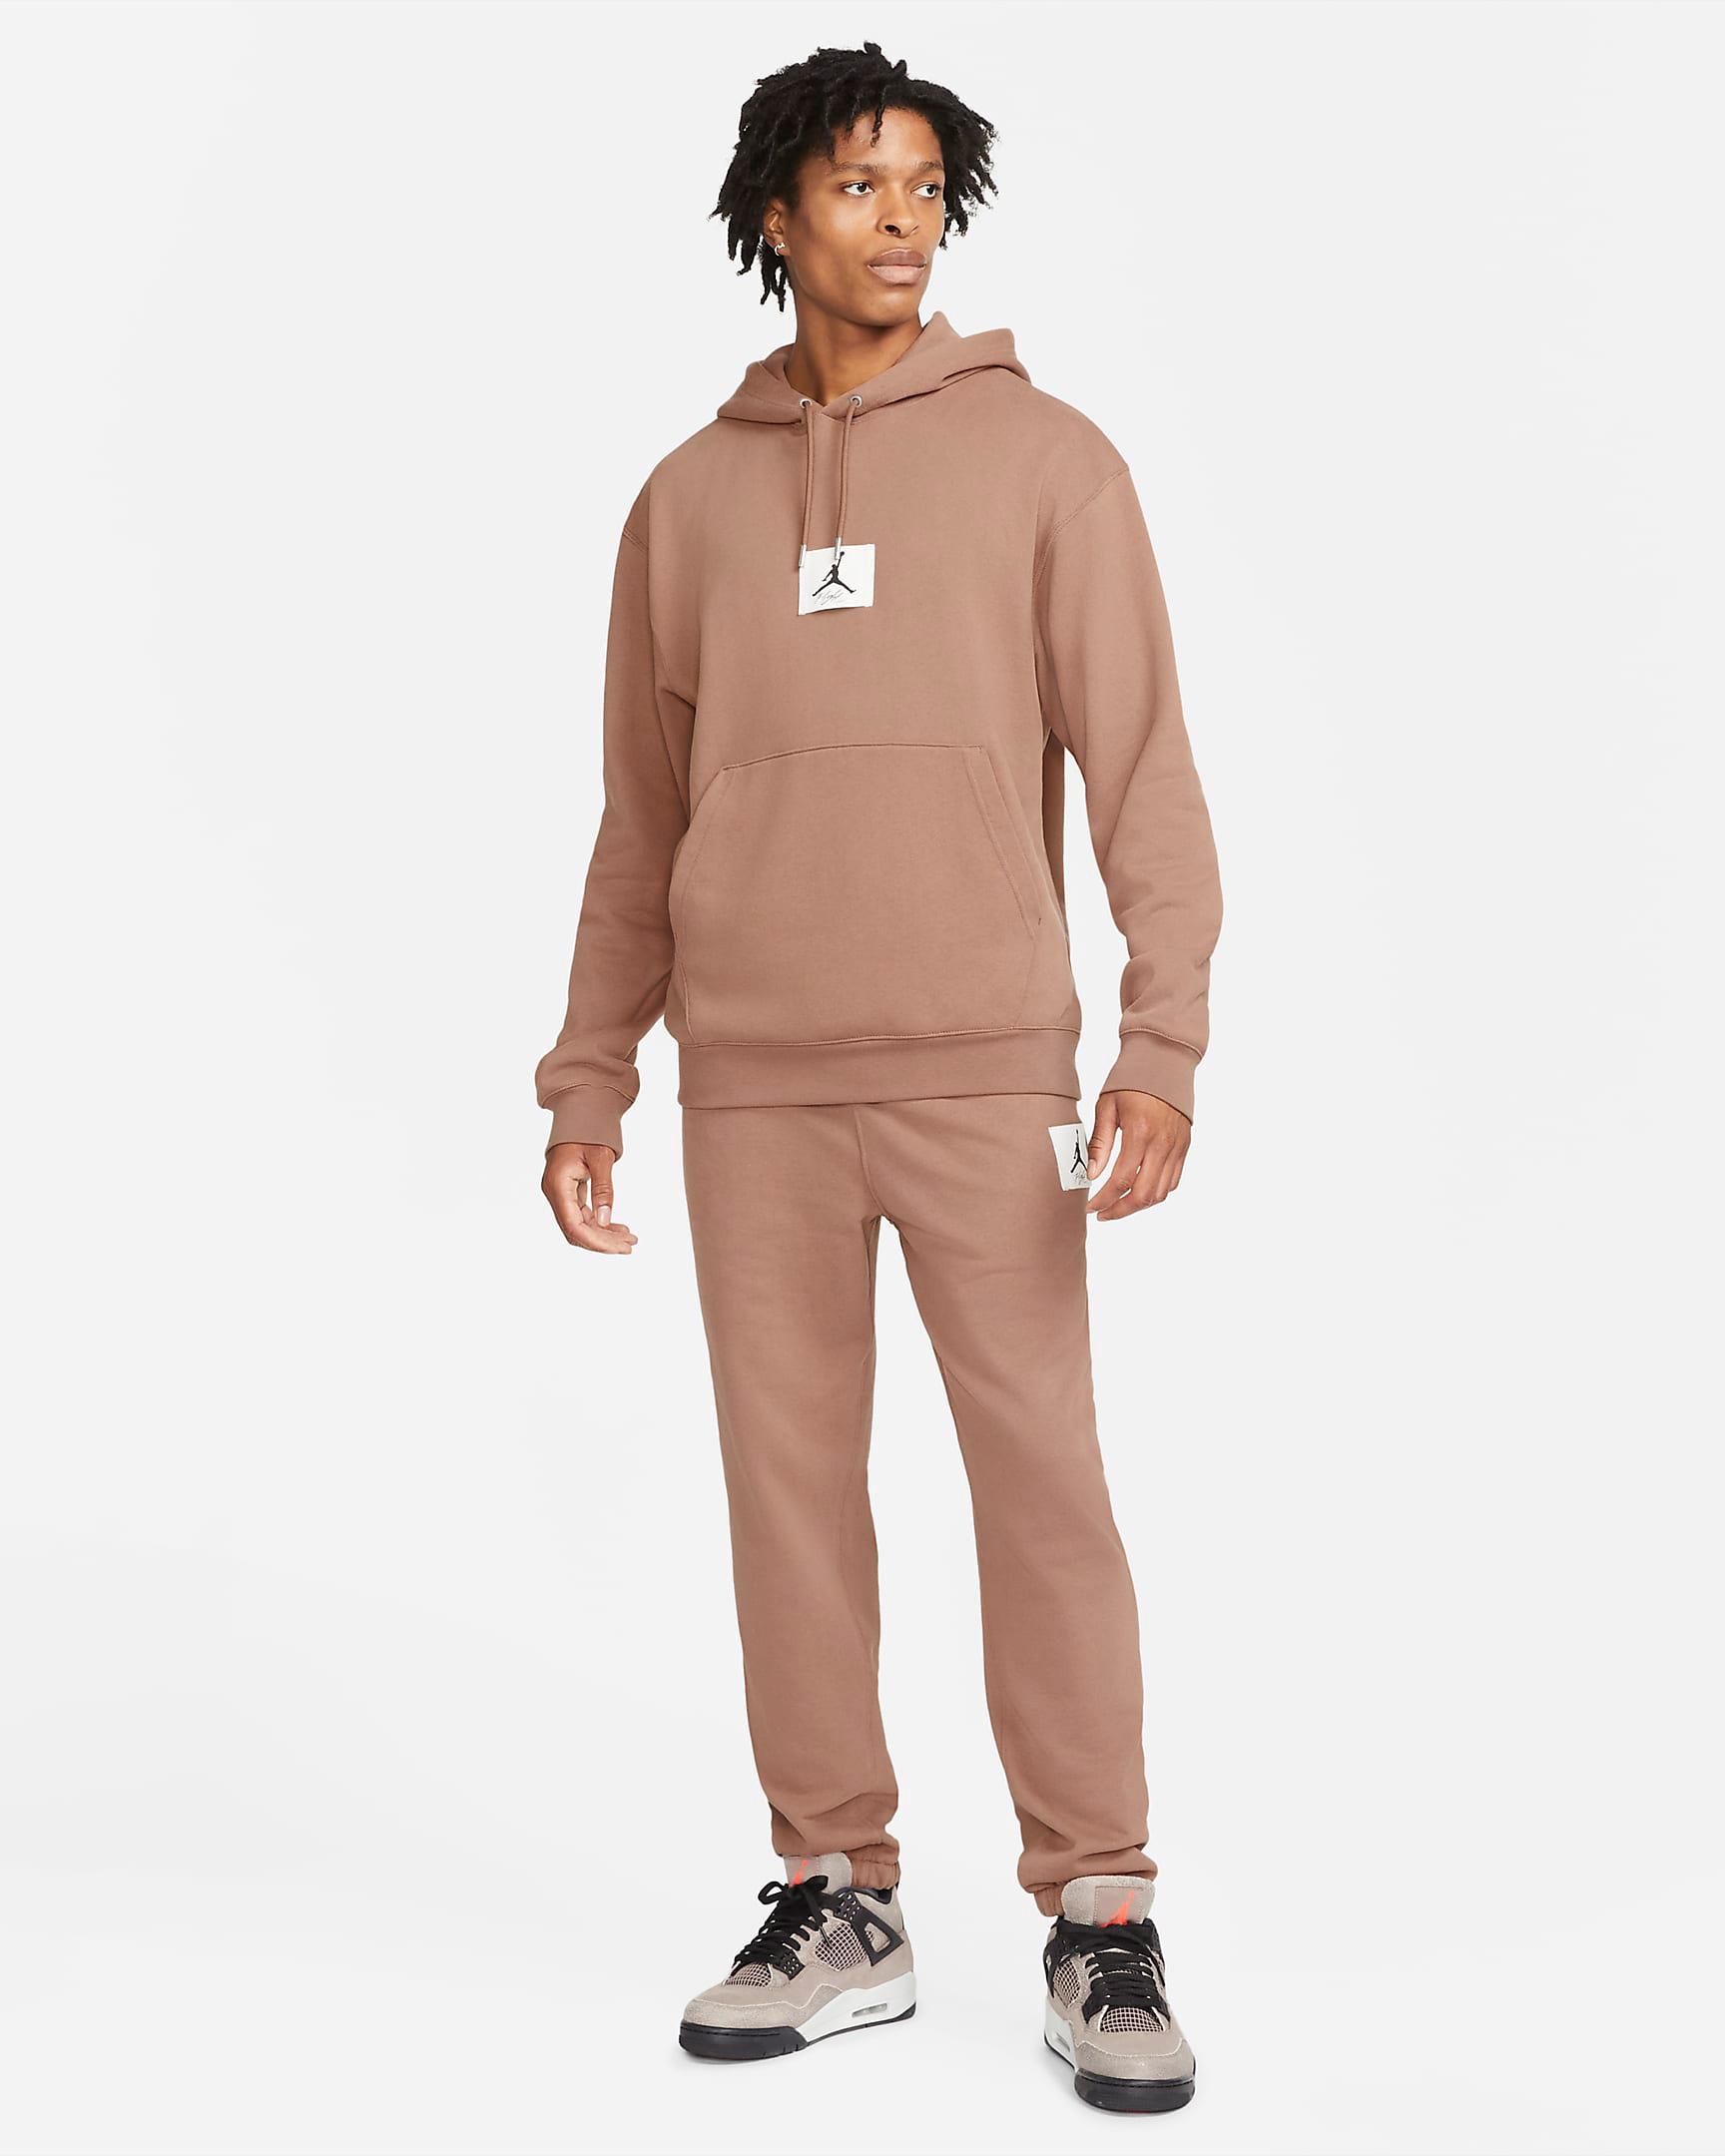 jordan-archaeo-brown-hoodie-pants-outfit